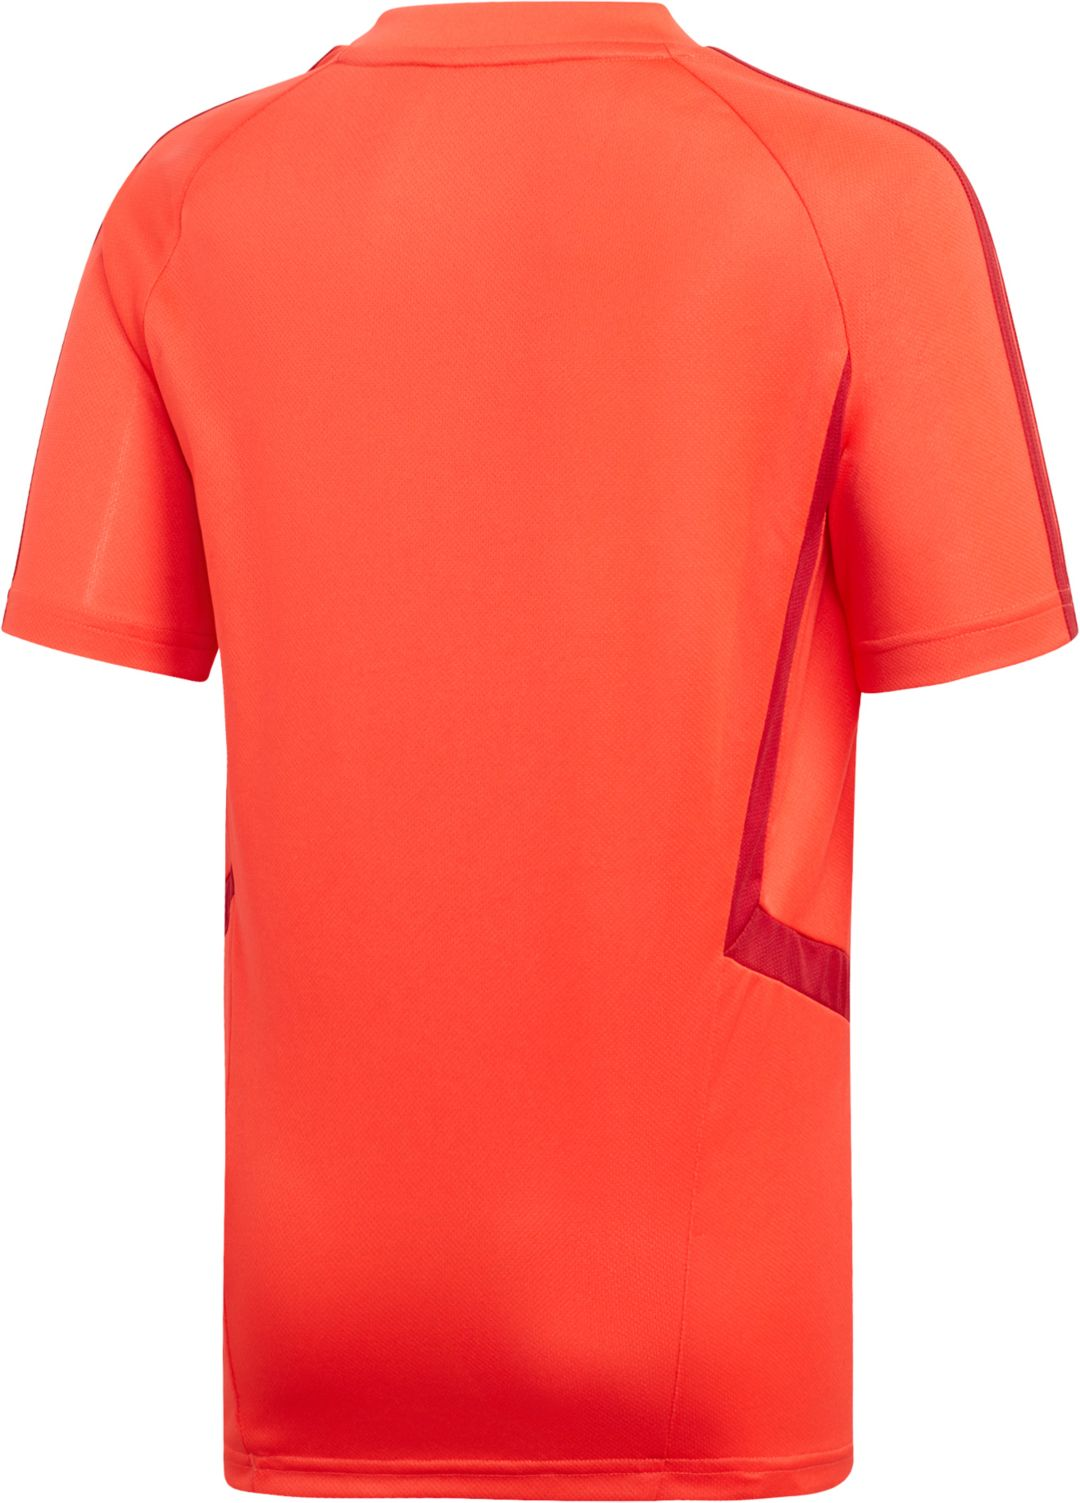 promo code b7e2d ee5eb adidas Youth Bayern Munich '19 Red Training Jersey